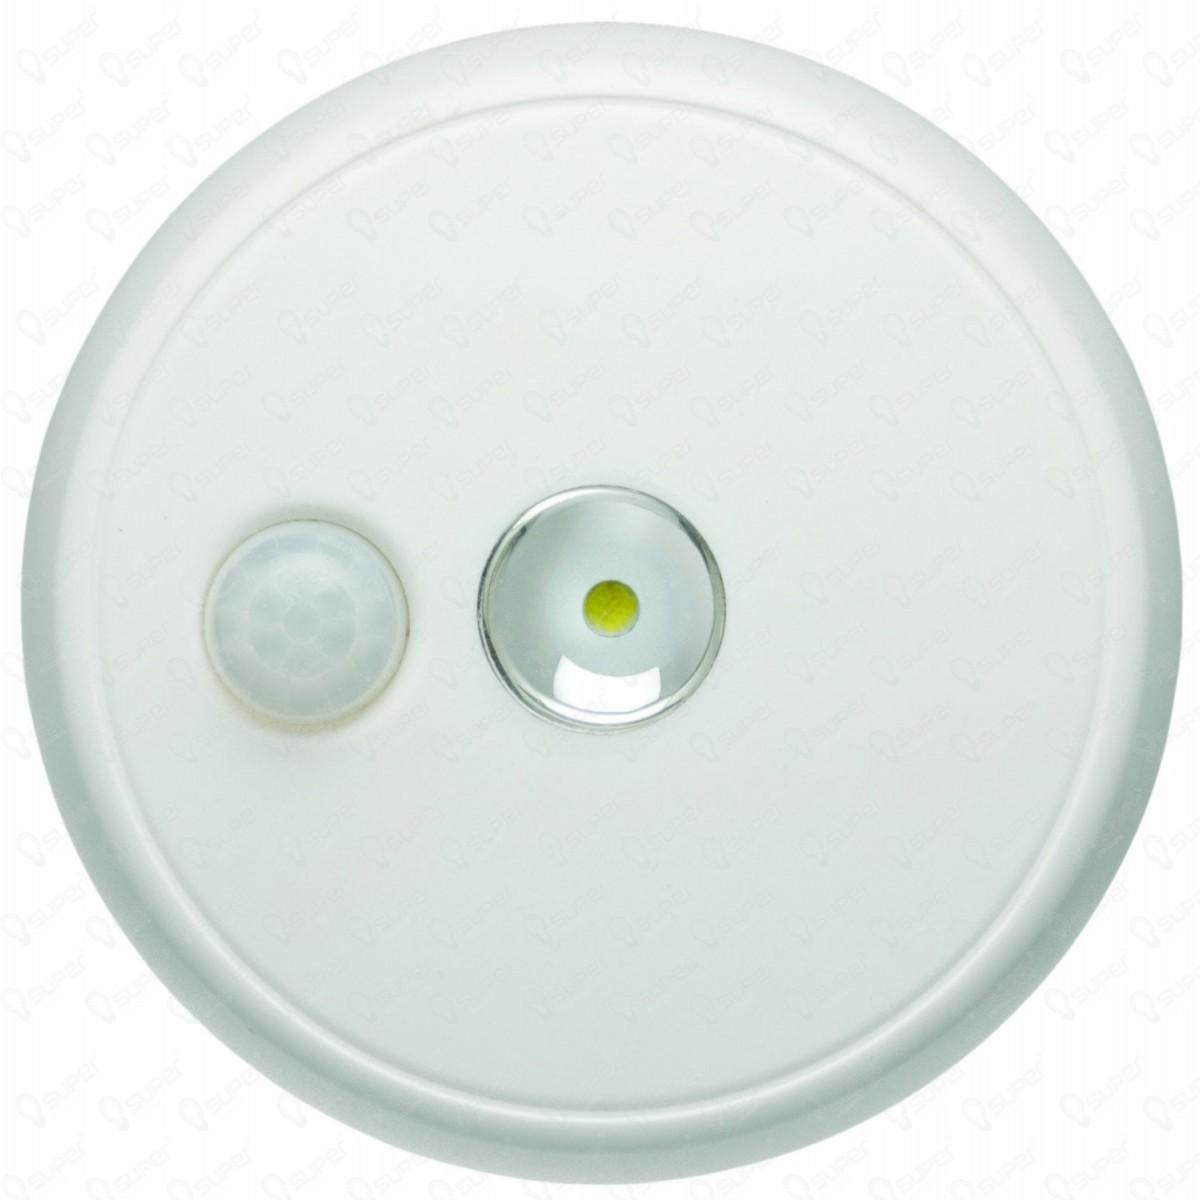 Motion Sensor Ceiling Light